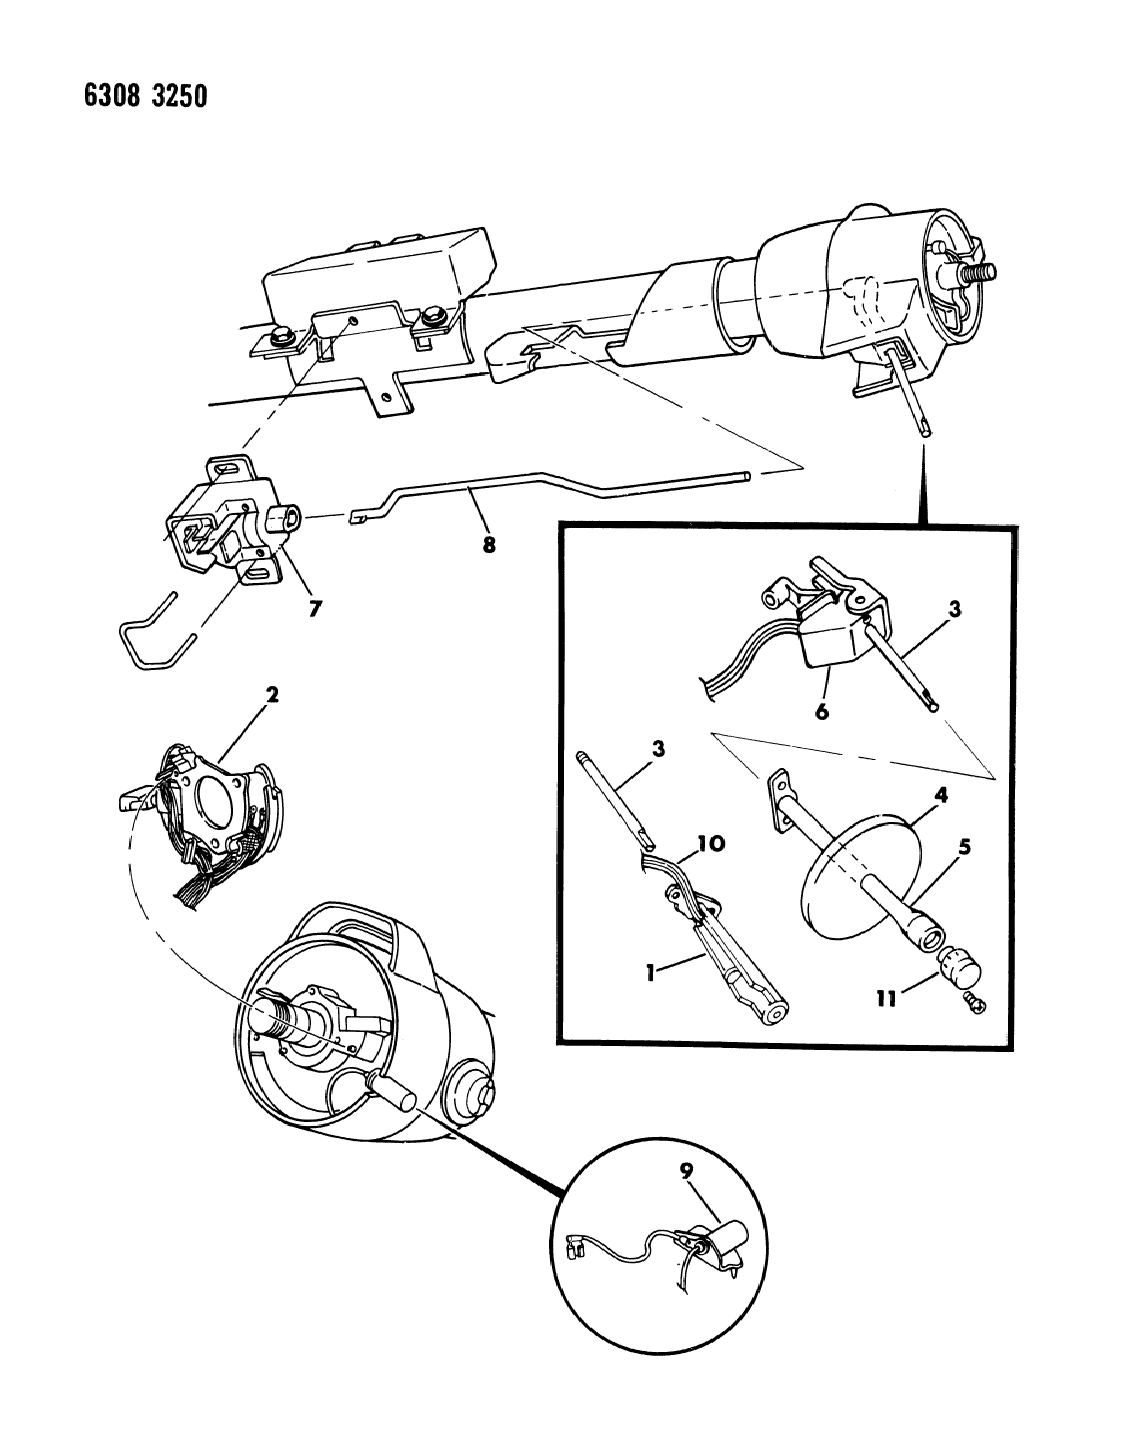 1987 Dodge Dakota Switches